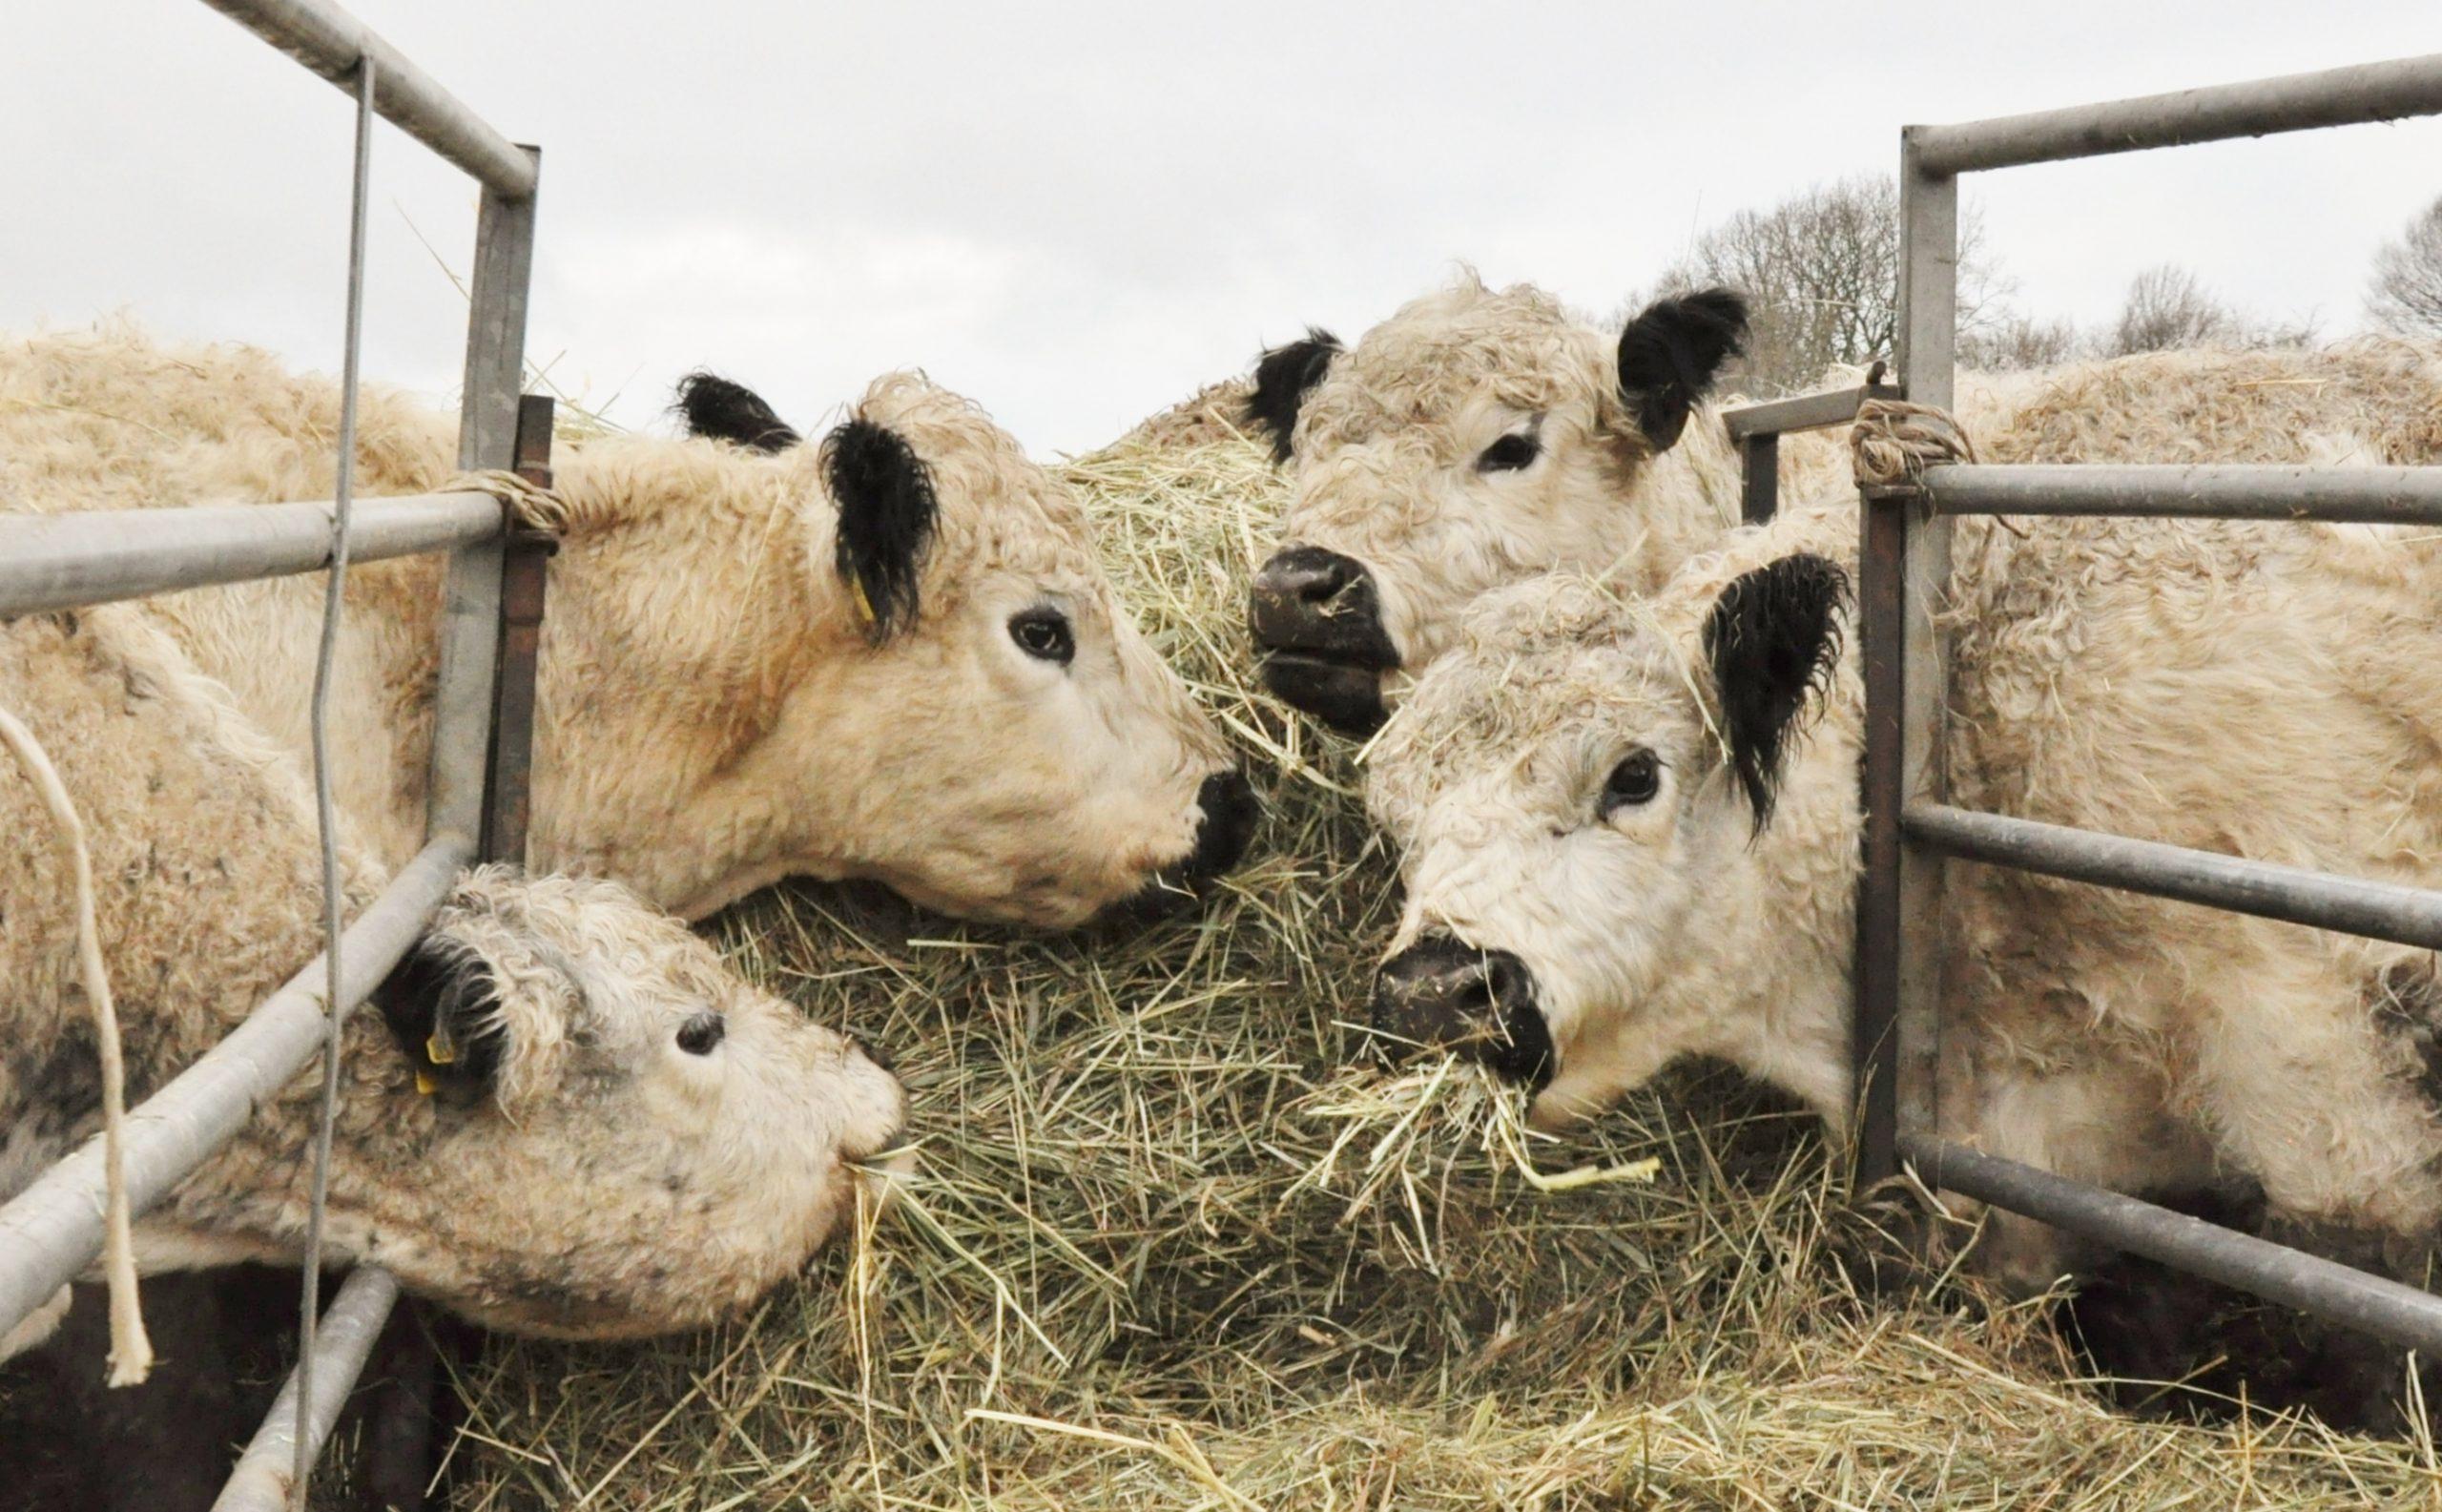 Werden die Rinder mit Soja gefüttert?